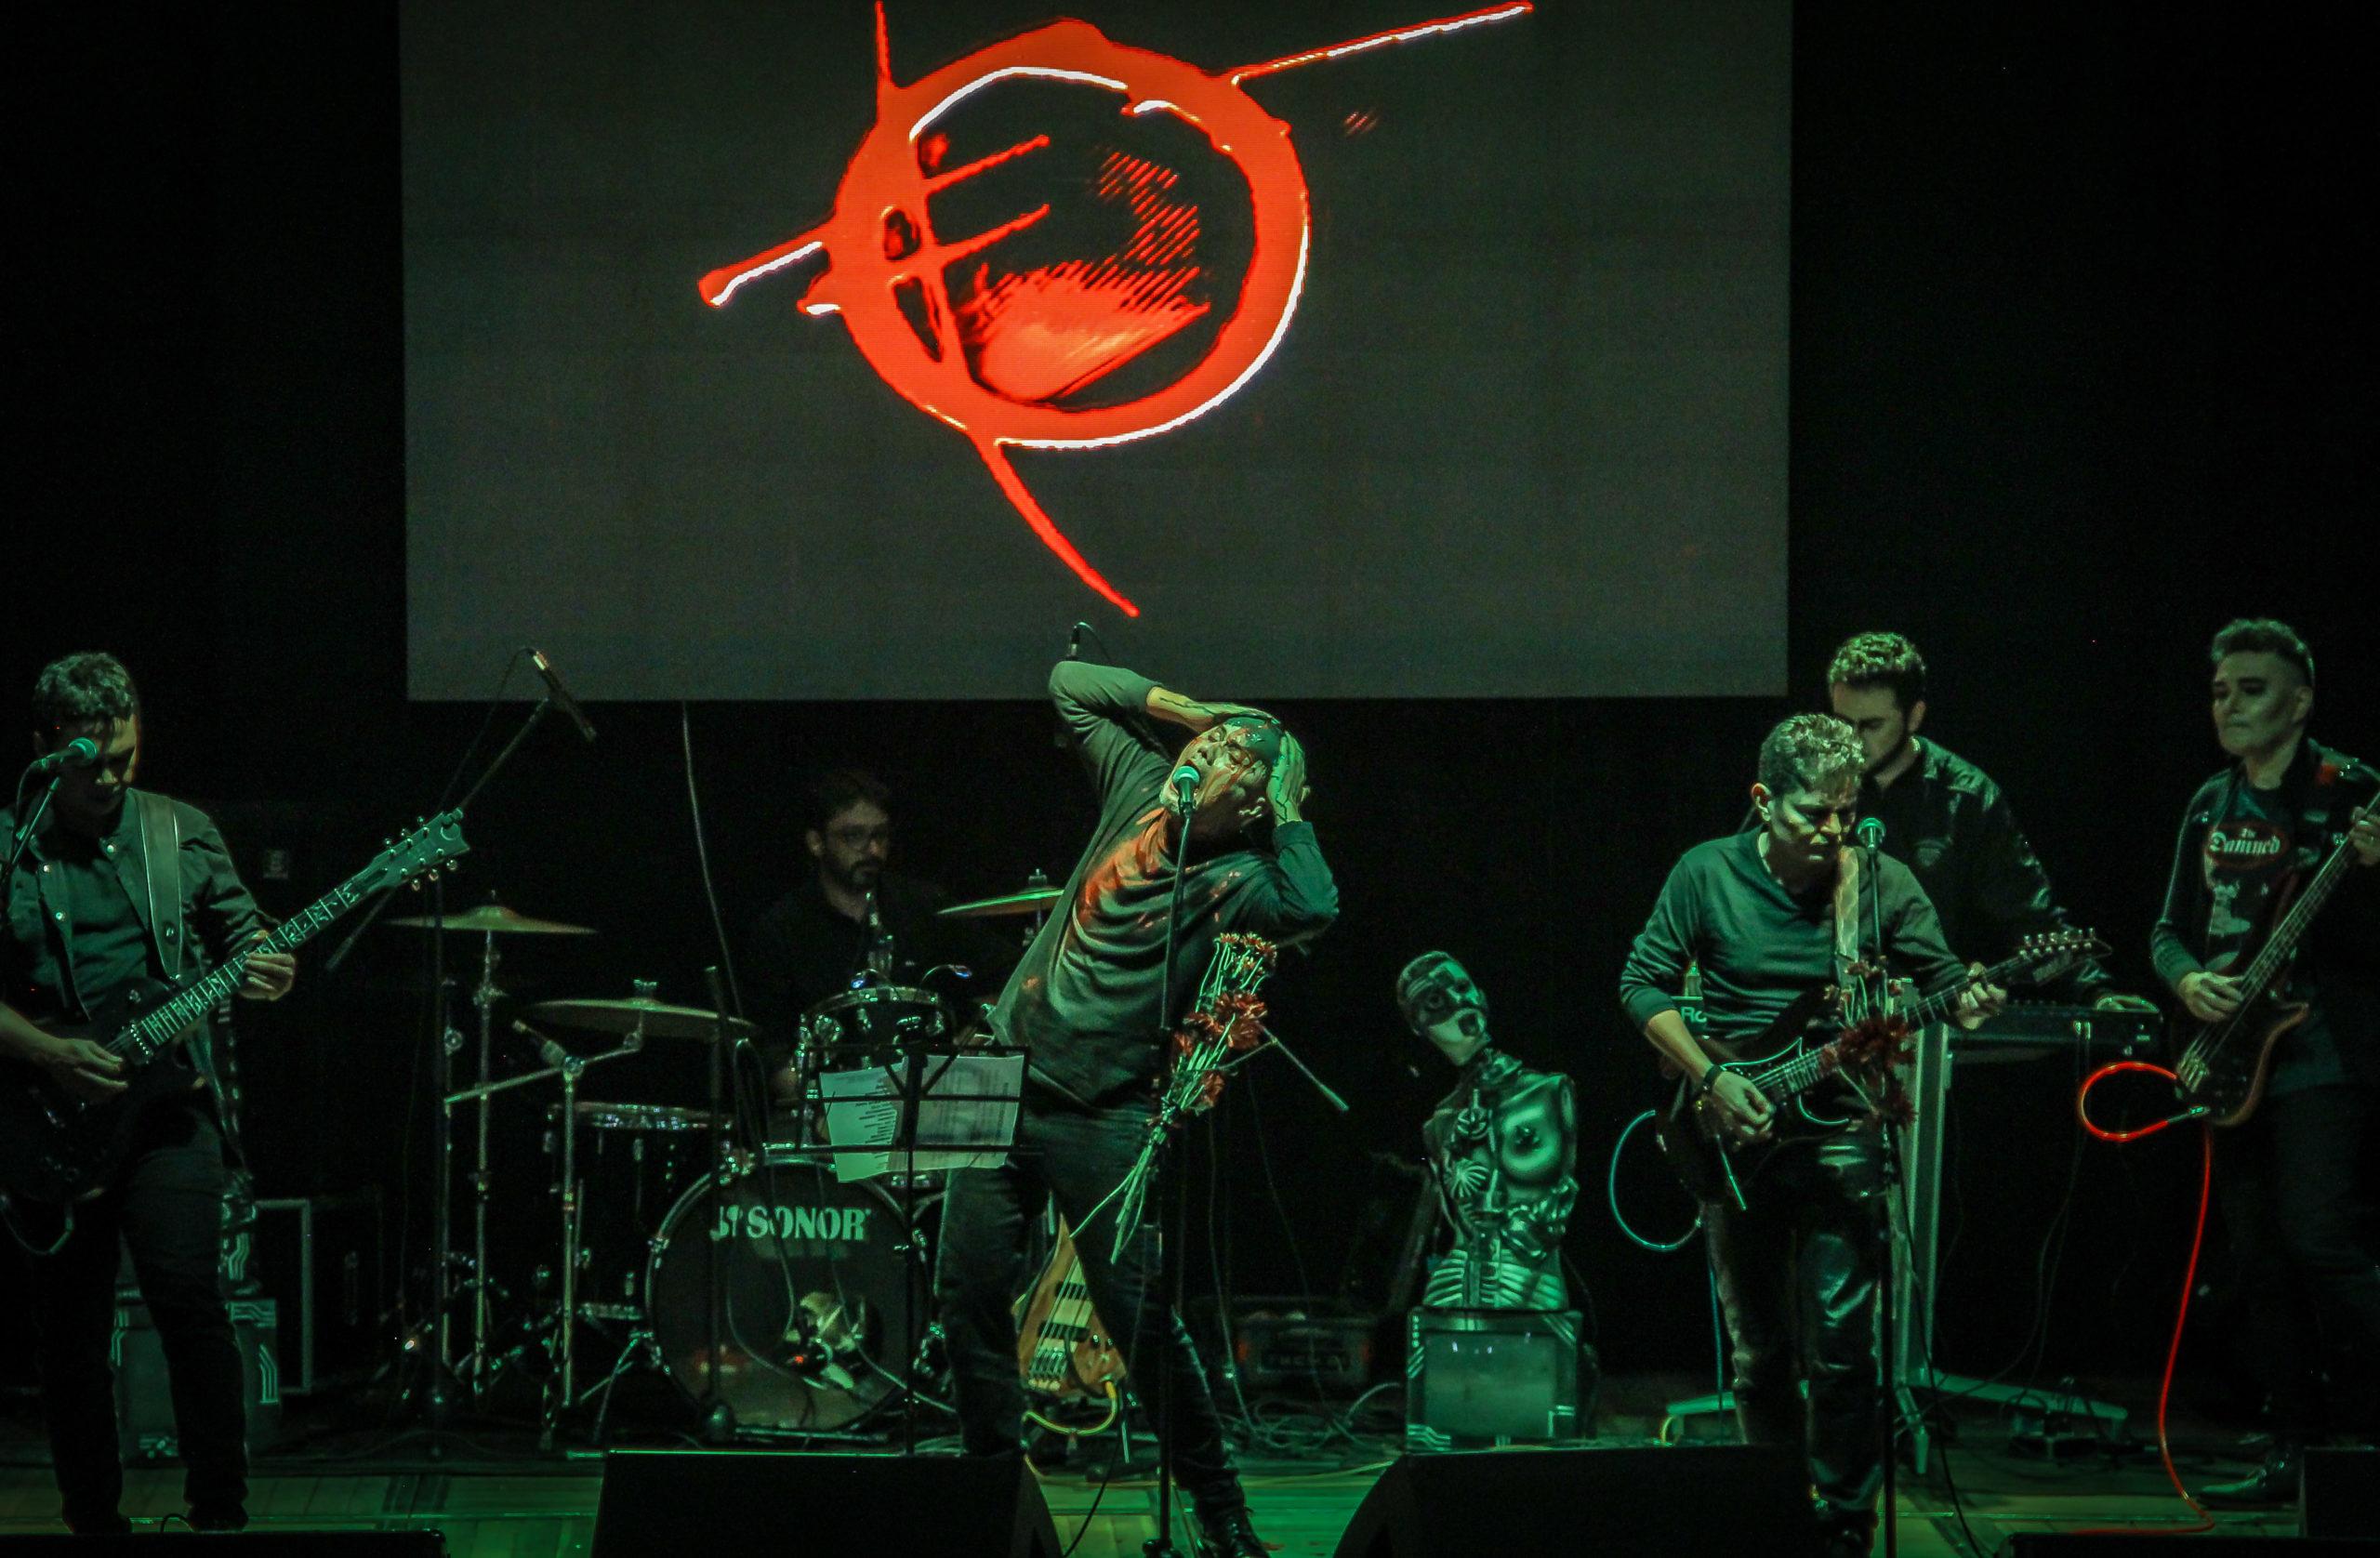 Frankie Ha Muerto, banda legendaria de post-punk de Medellin (Colombia) | Tropical Punk Records